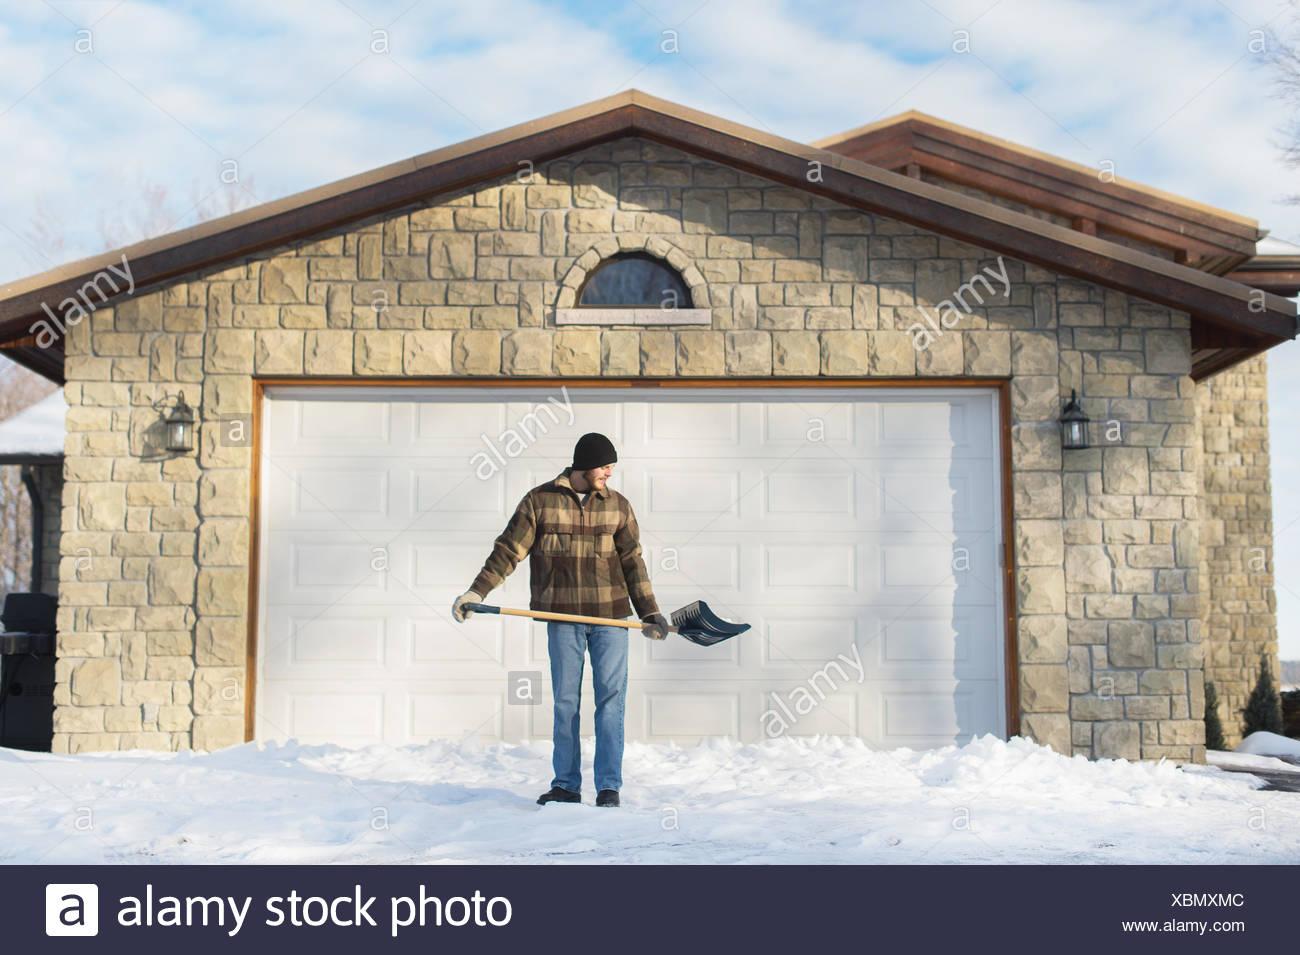 Mann Schaufeln Schnee, Youngs Point, Ontario, Kanada Stockbild